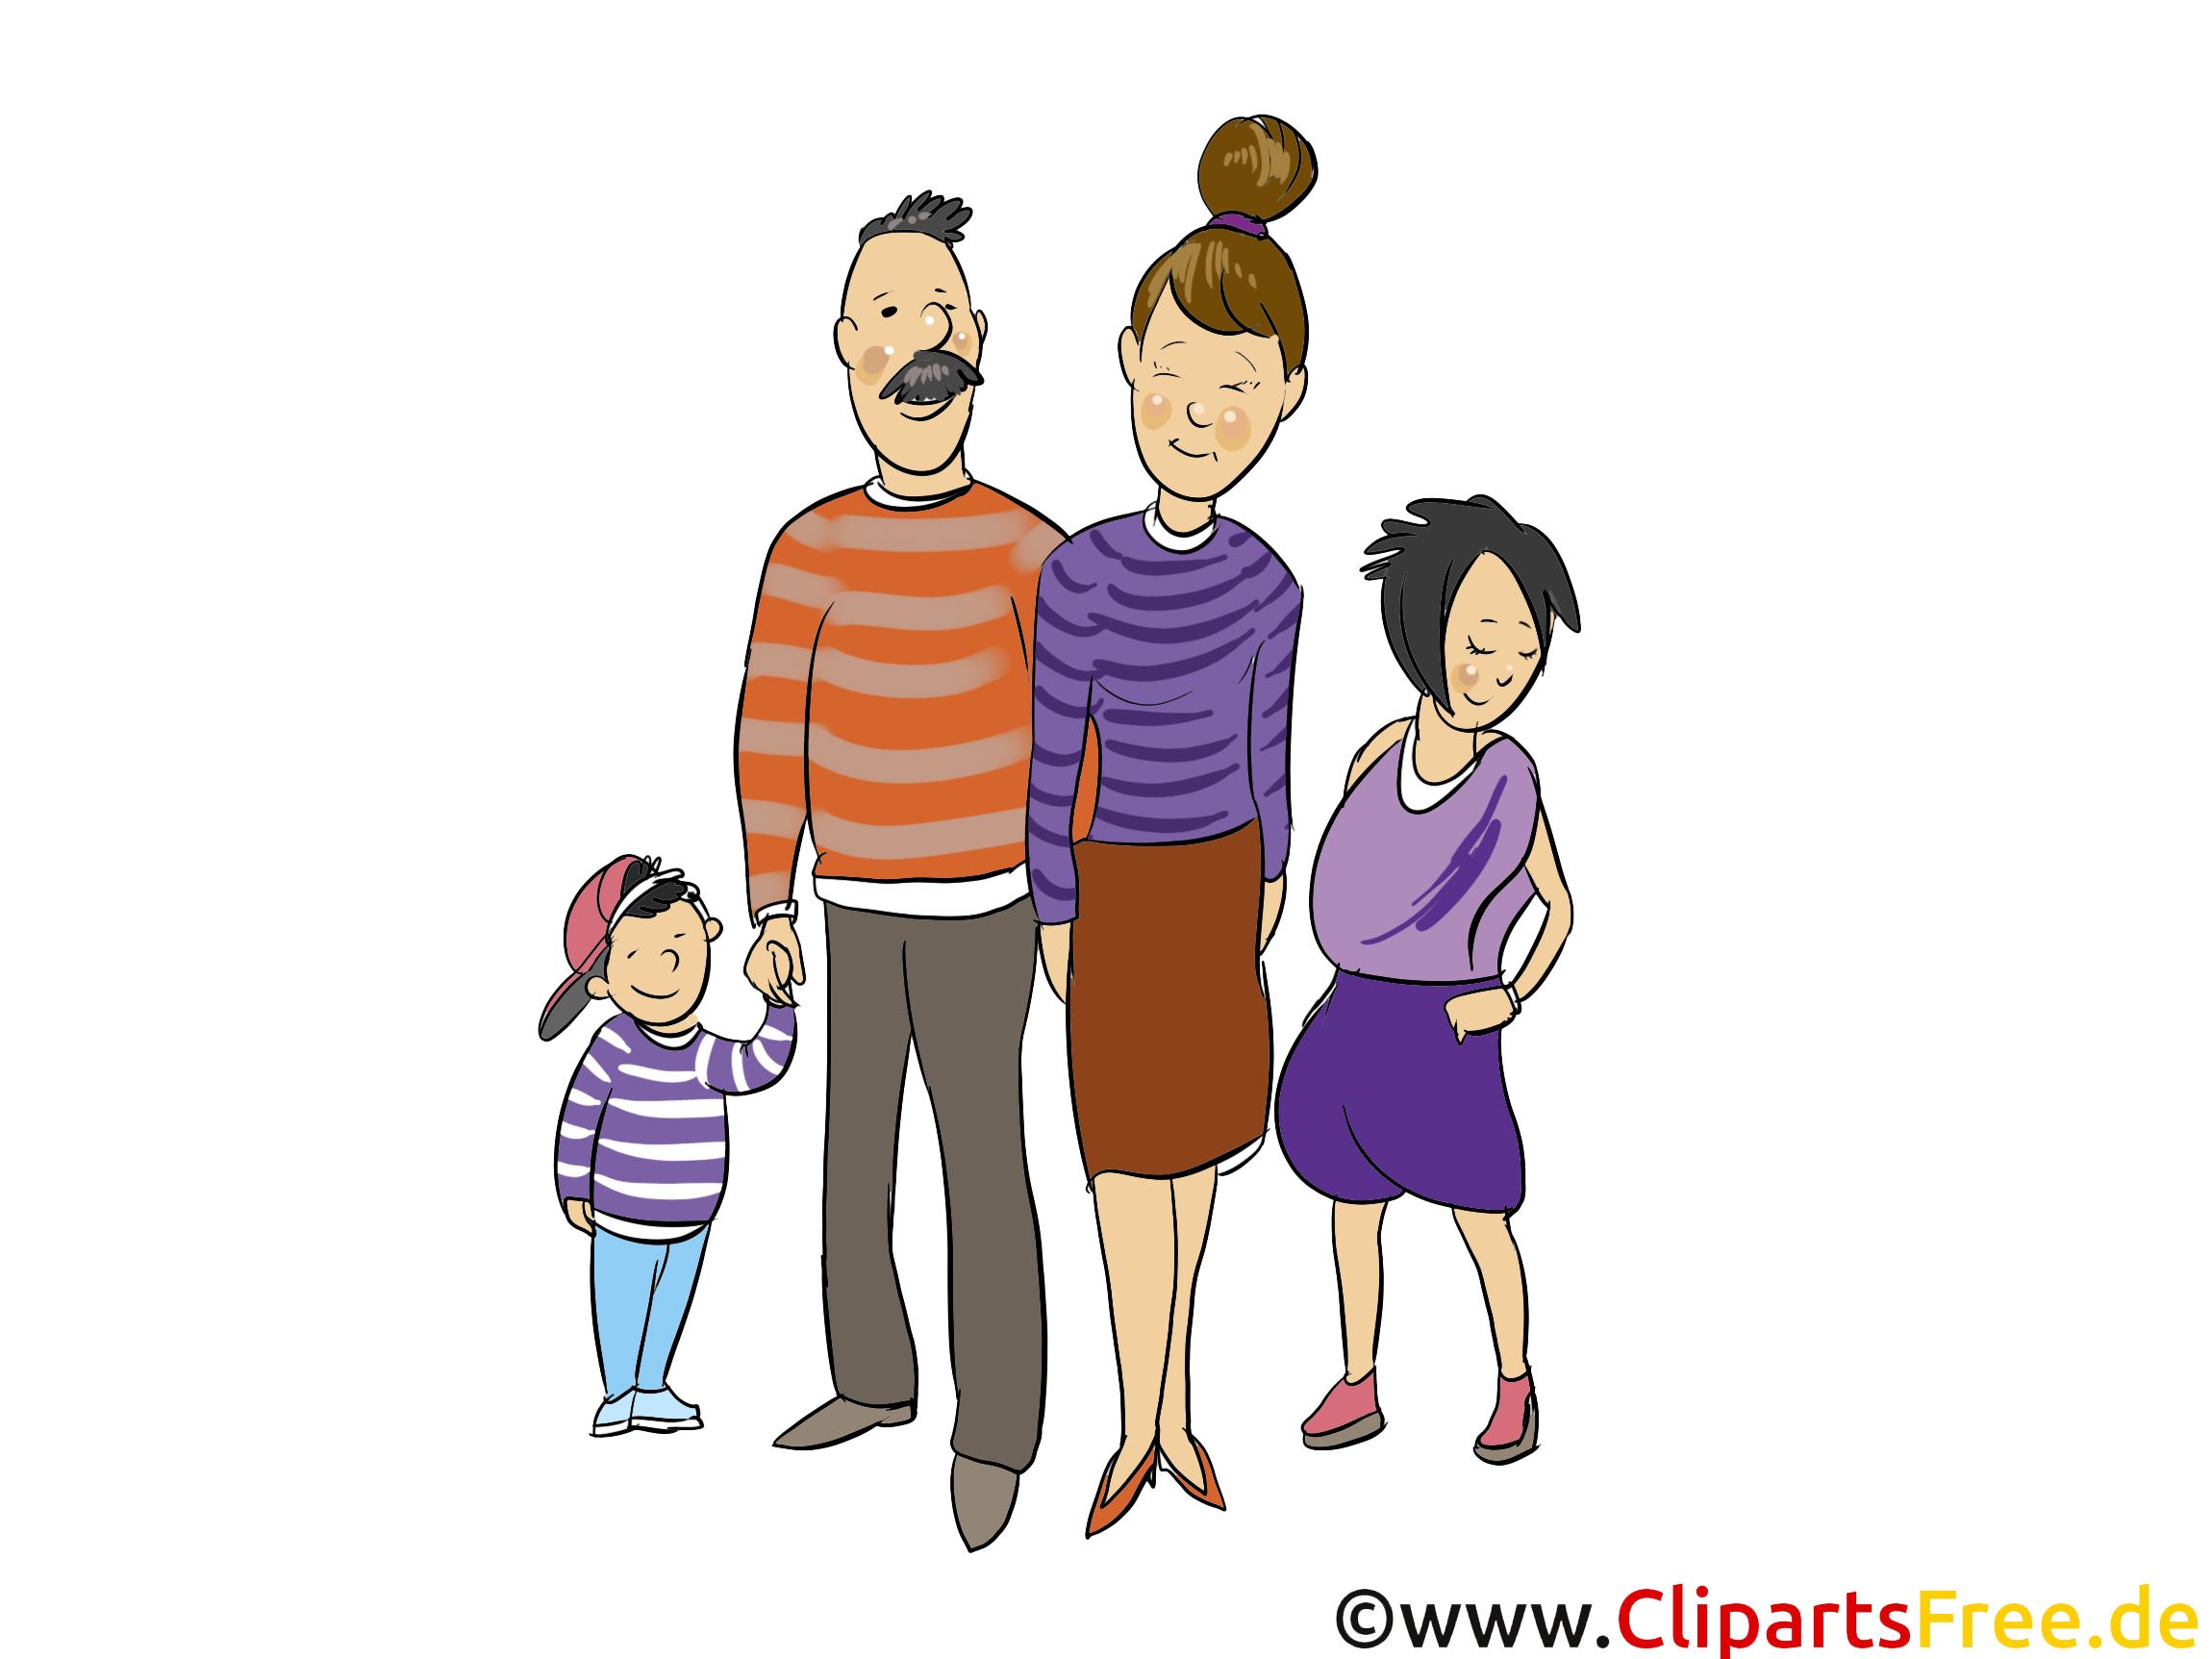 Clipart Famille famille clipart gratuit - gens images - personnes dessin, picture